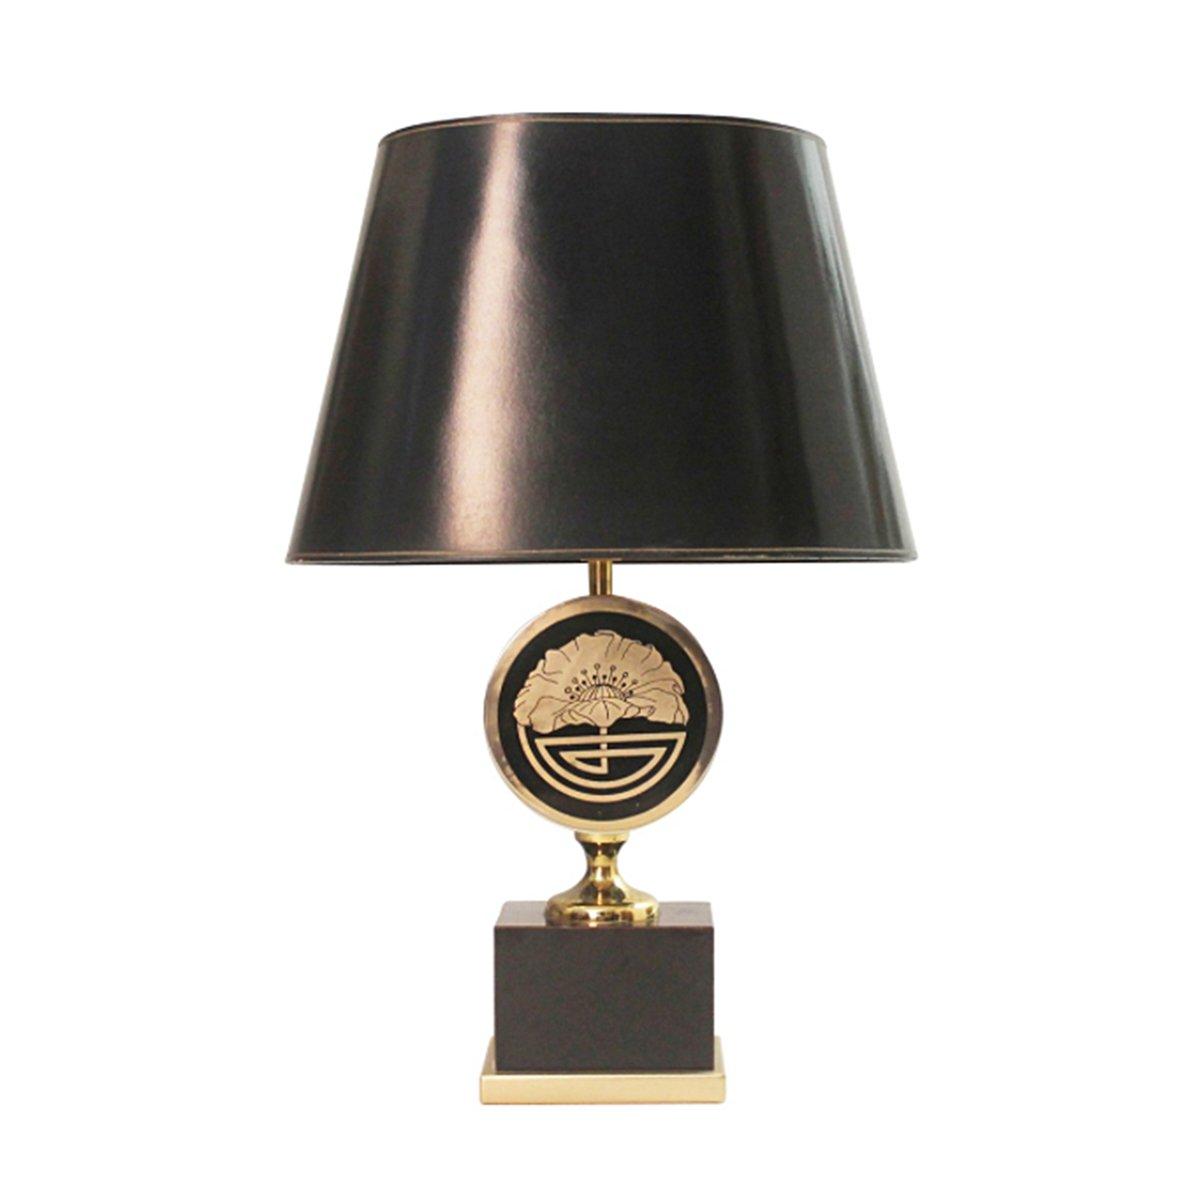 Französische Messing Lampe von Maison Jansen, 1970er